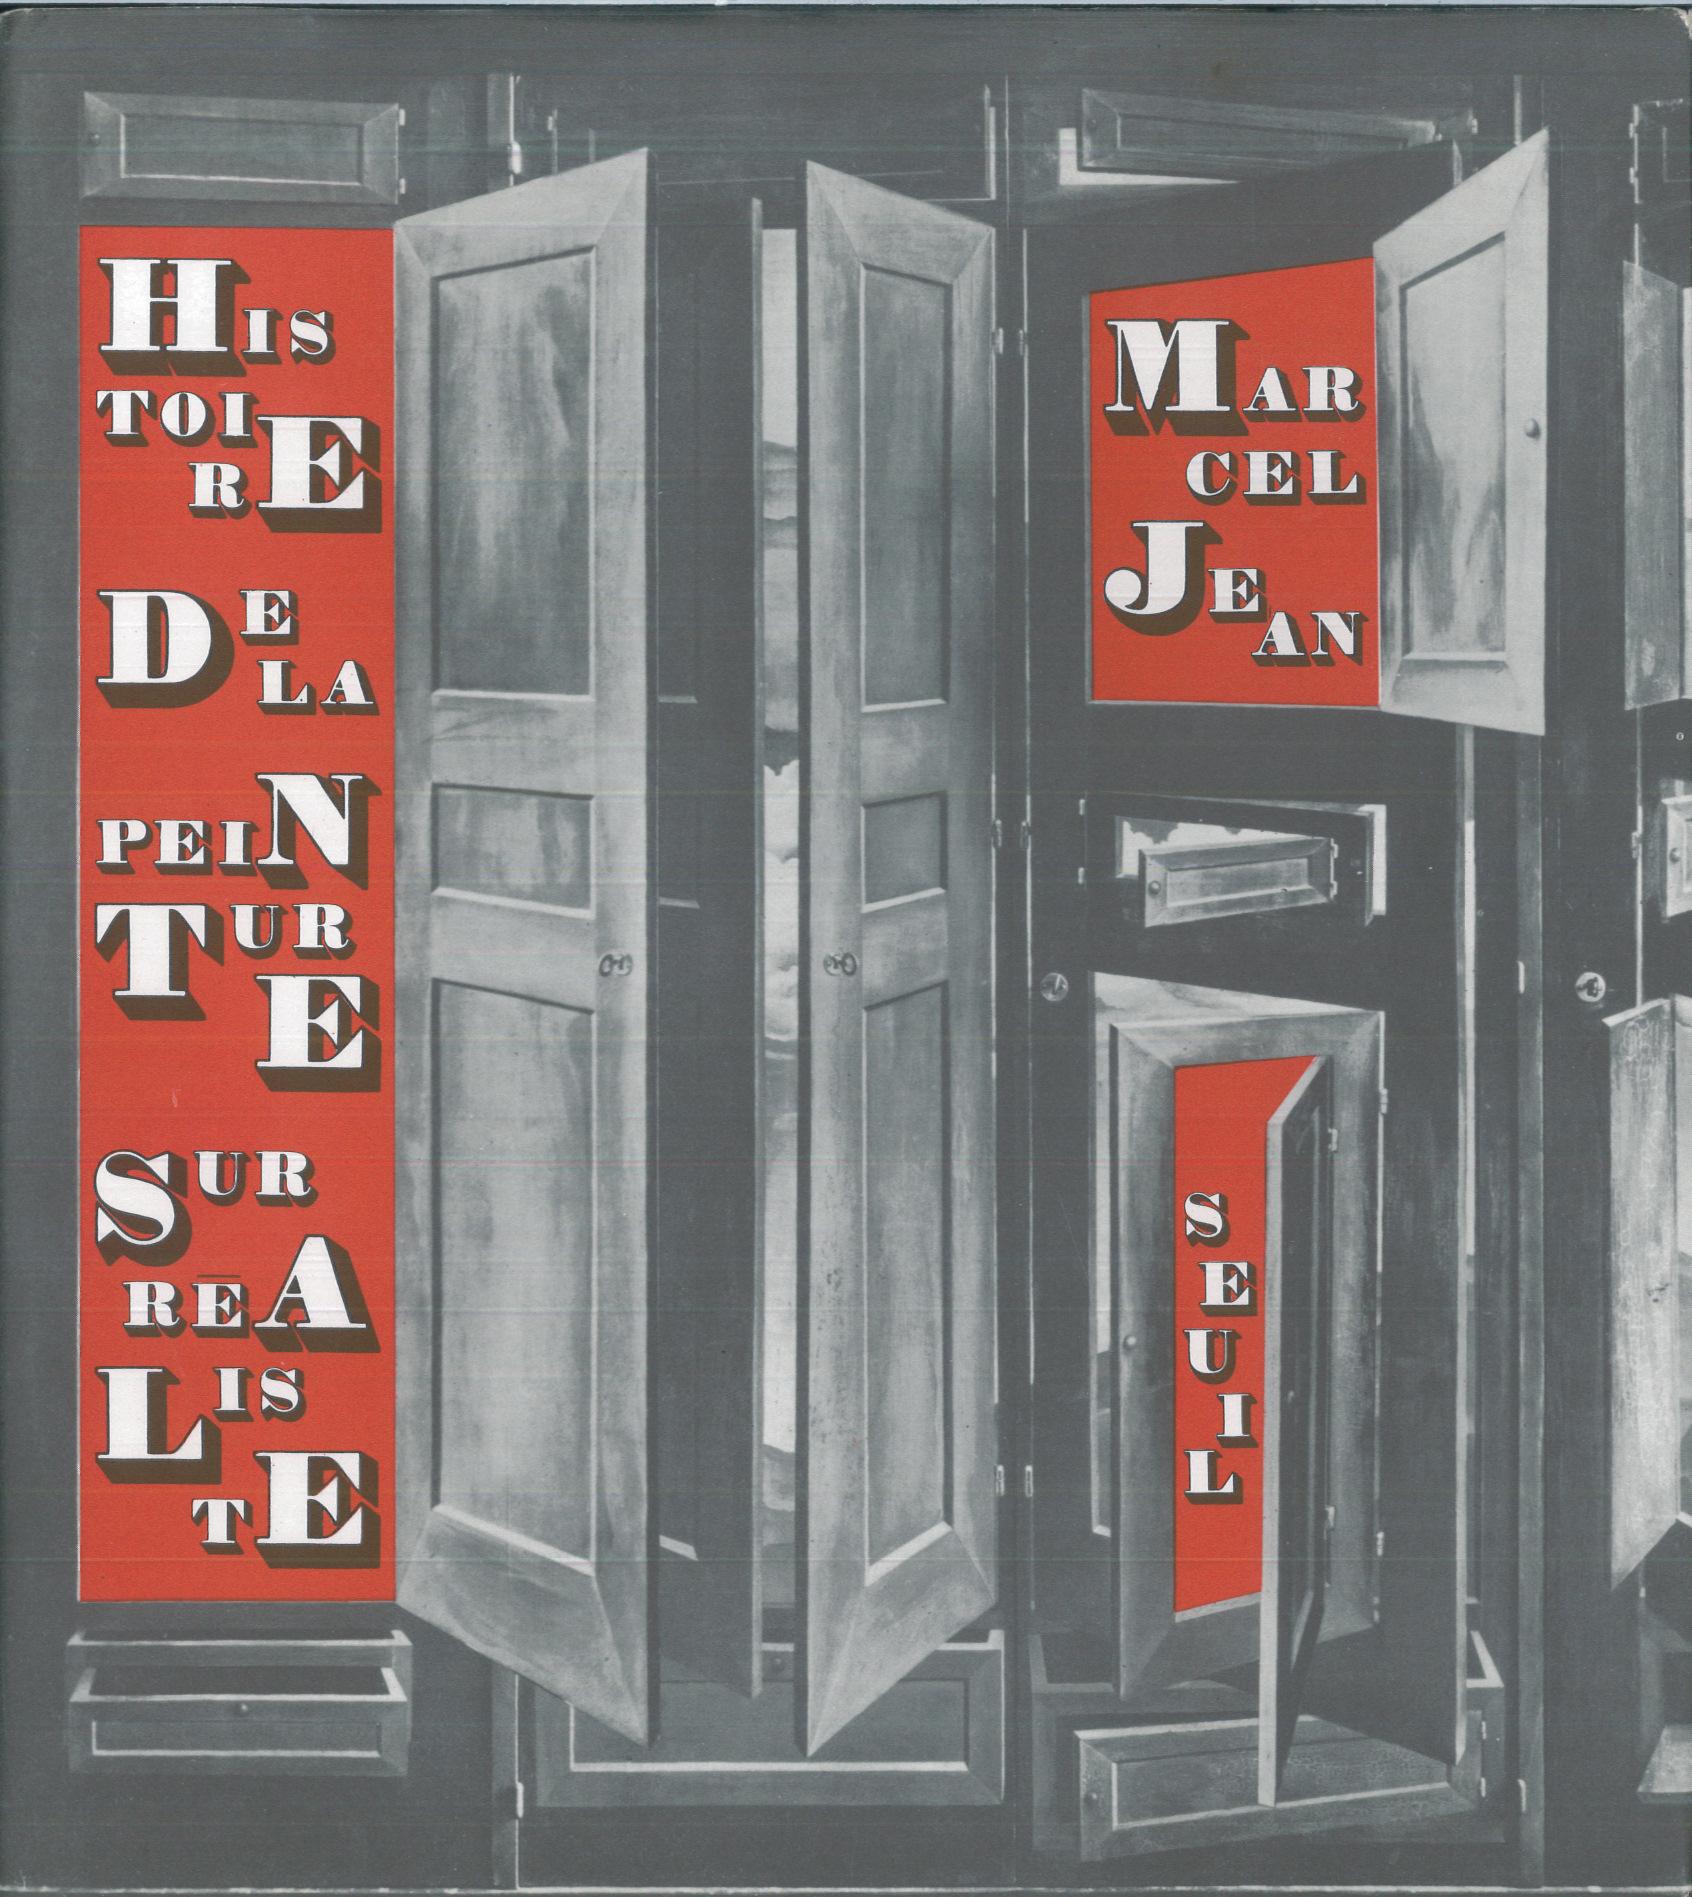 16-7-Marcel-Jean-Histoire-de-la-peinture-surrealiste-Paris-Editions-Seuil-1959